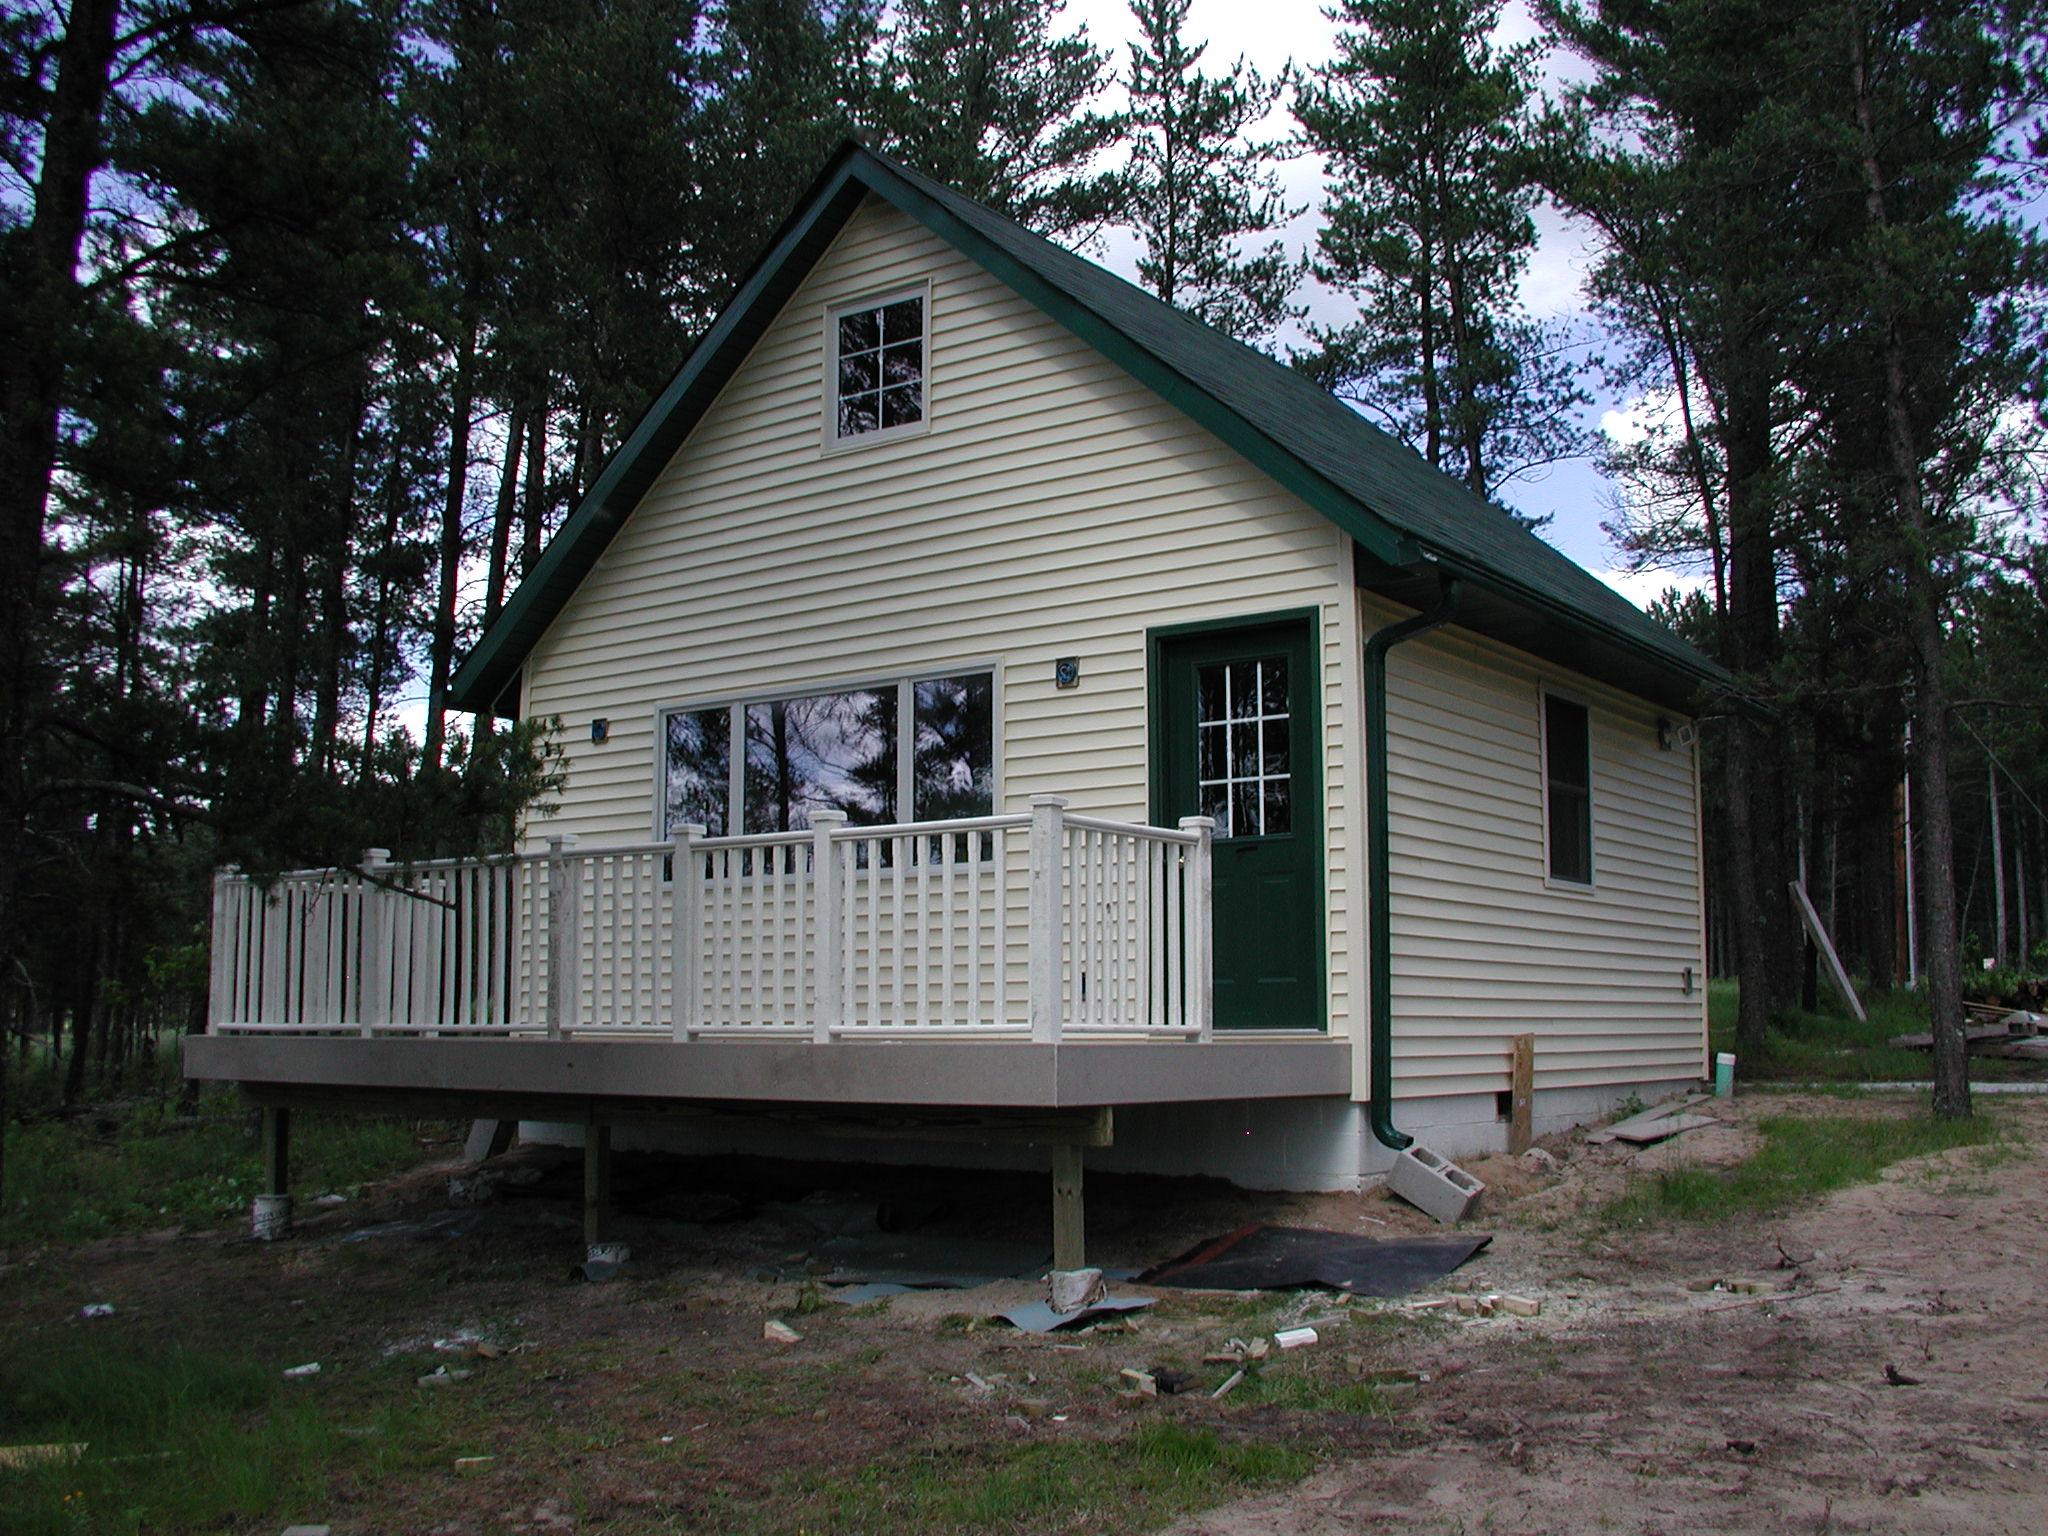 20x20 Cabin